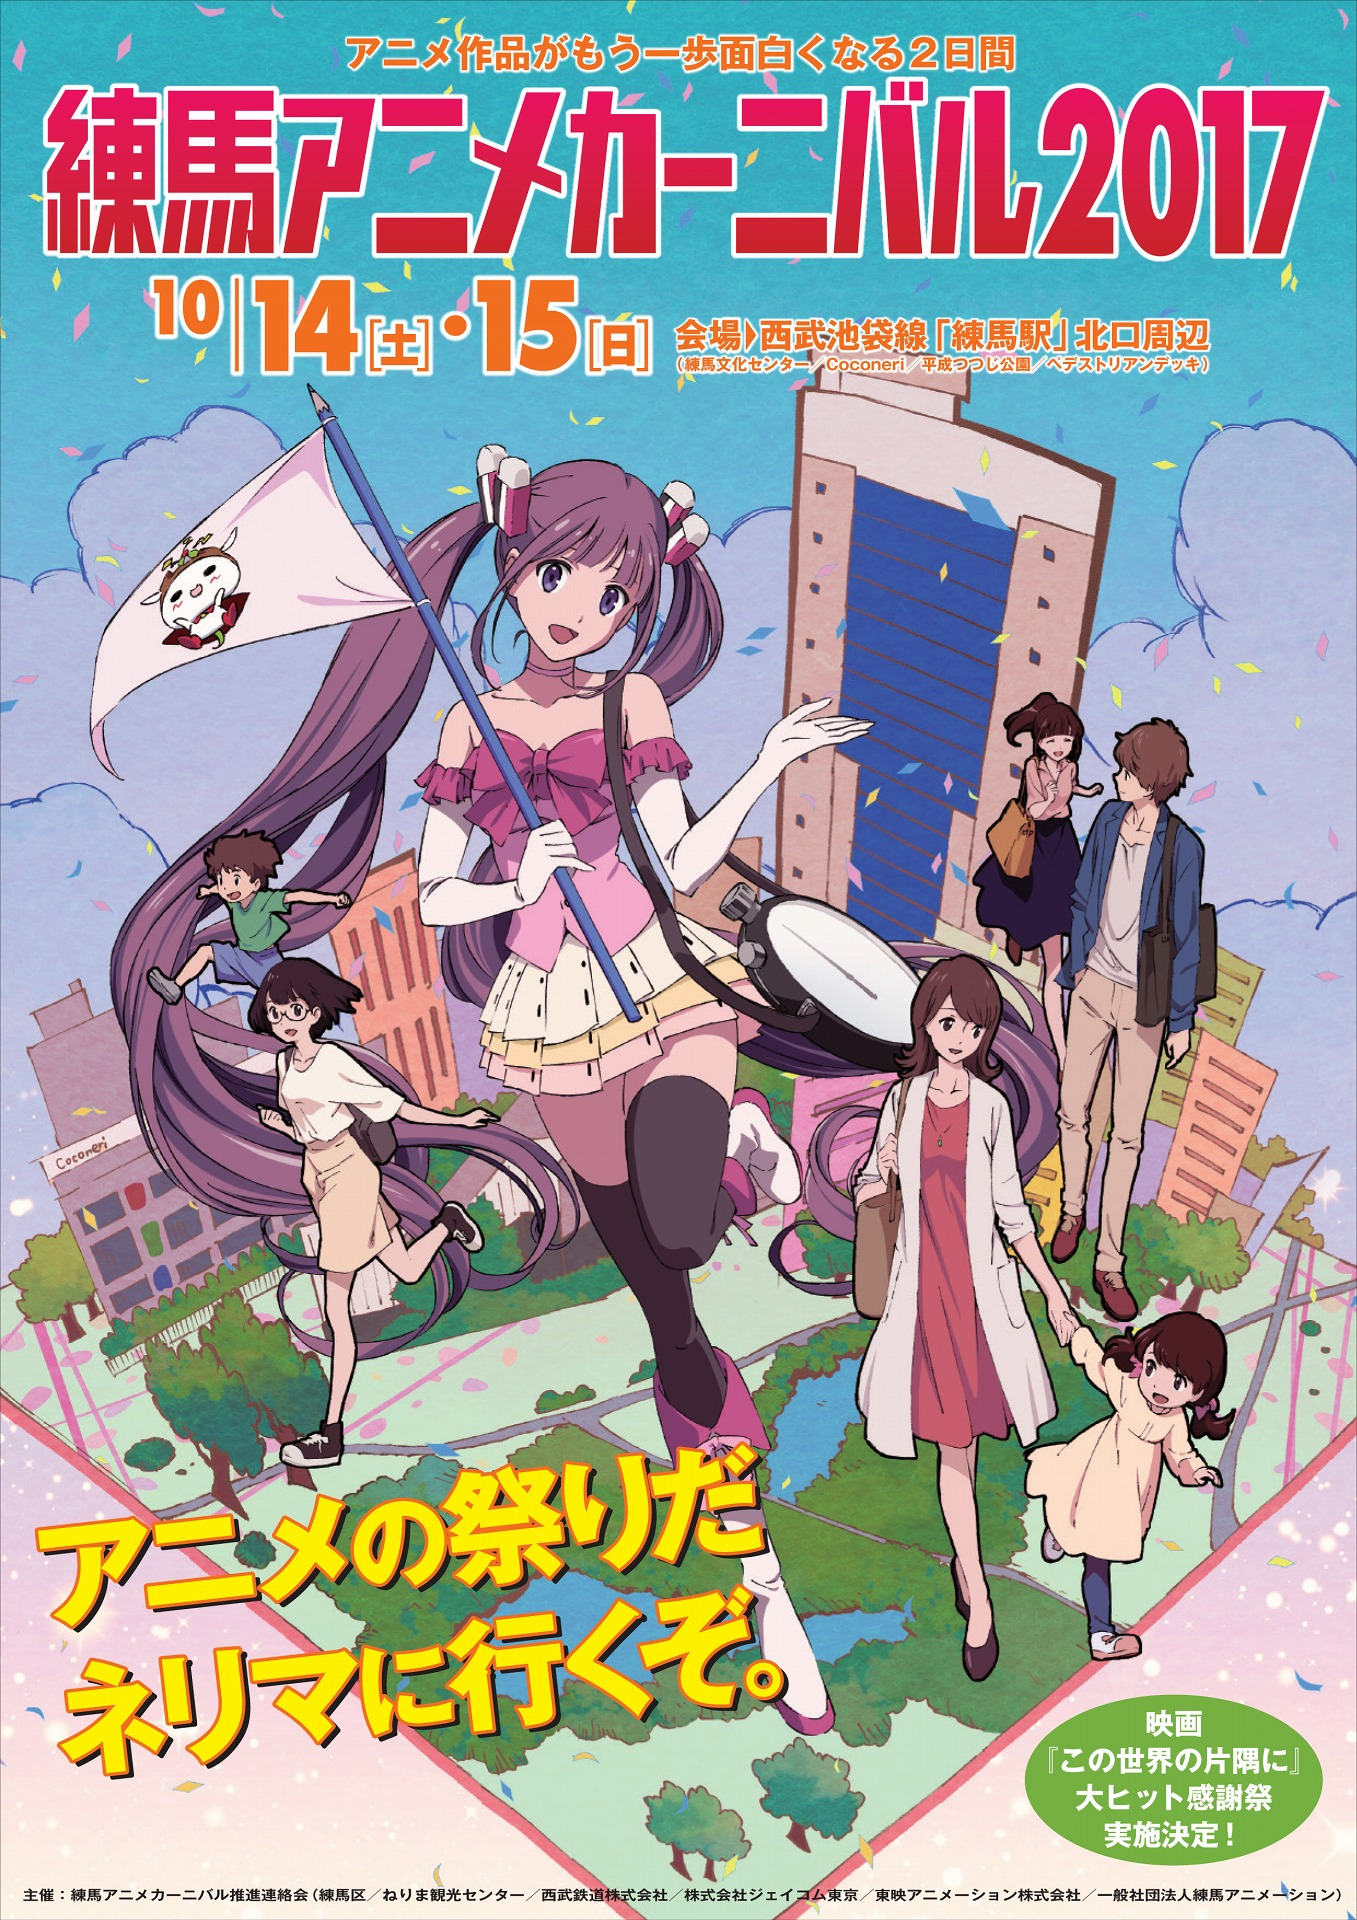 10月14日(土)、15日(日)「練馬アニメカーニバル2017」 ! 映画『この世界の片隅に』記念トークも